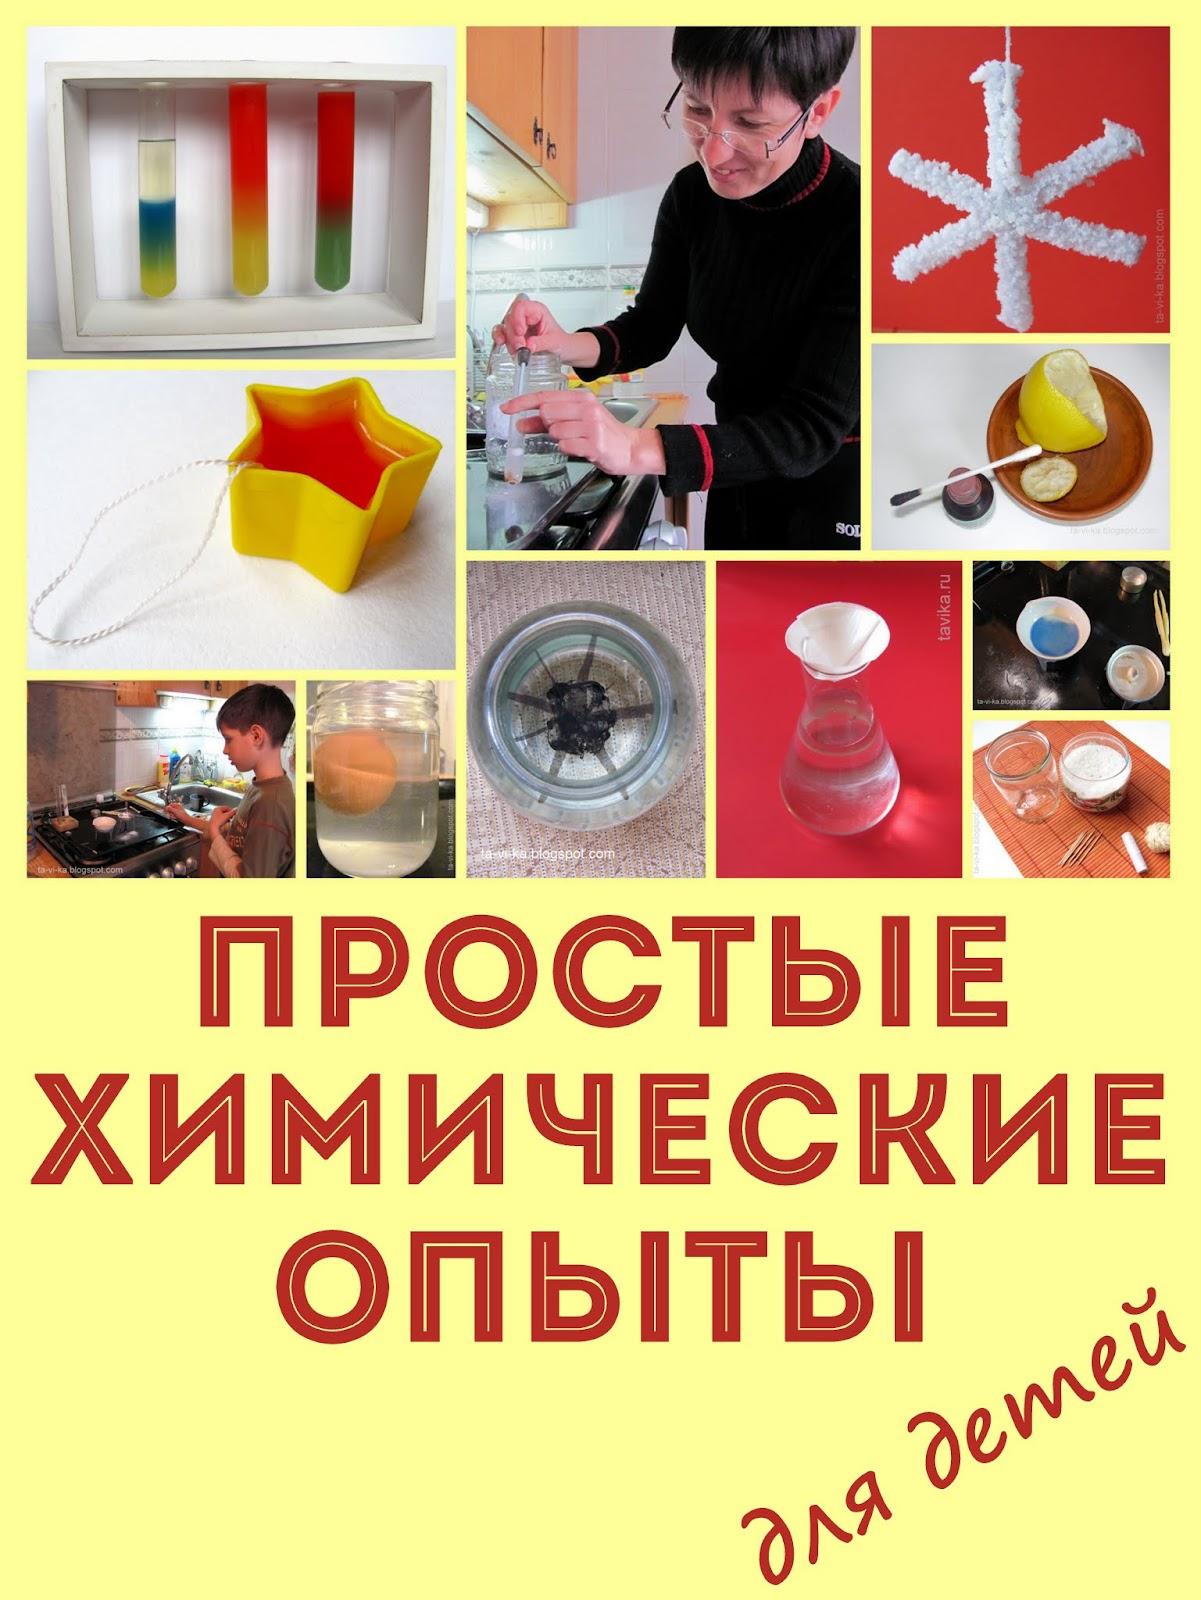 9 крутых научных экспериментов для детей 26